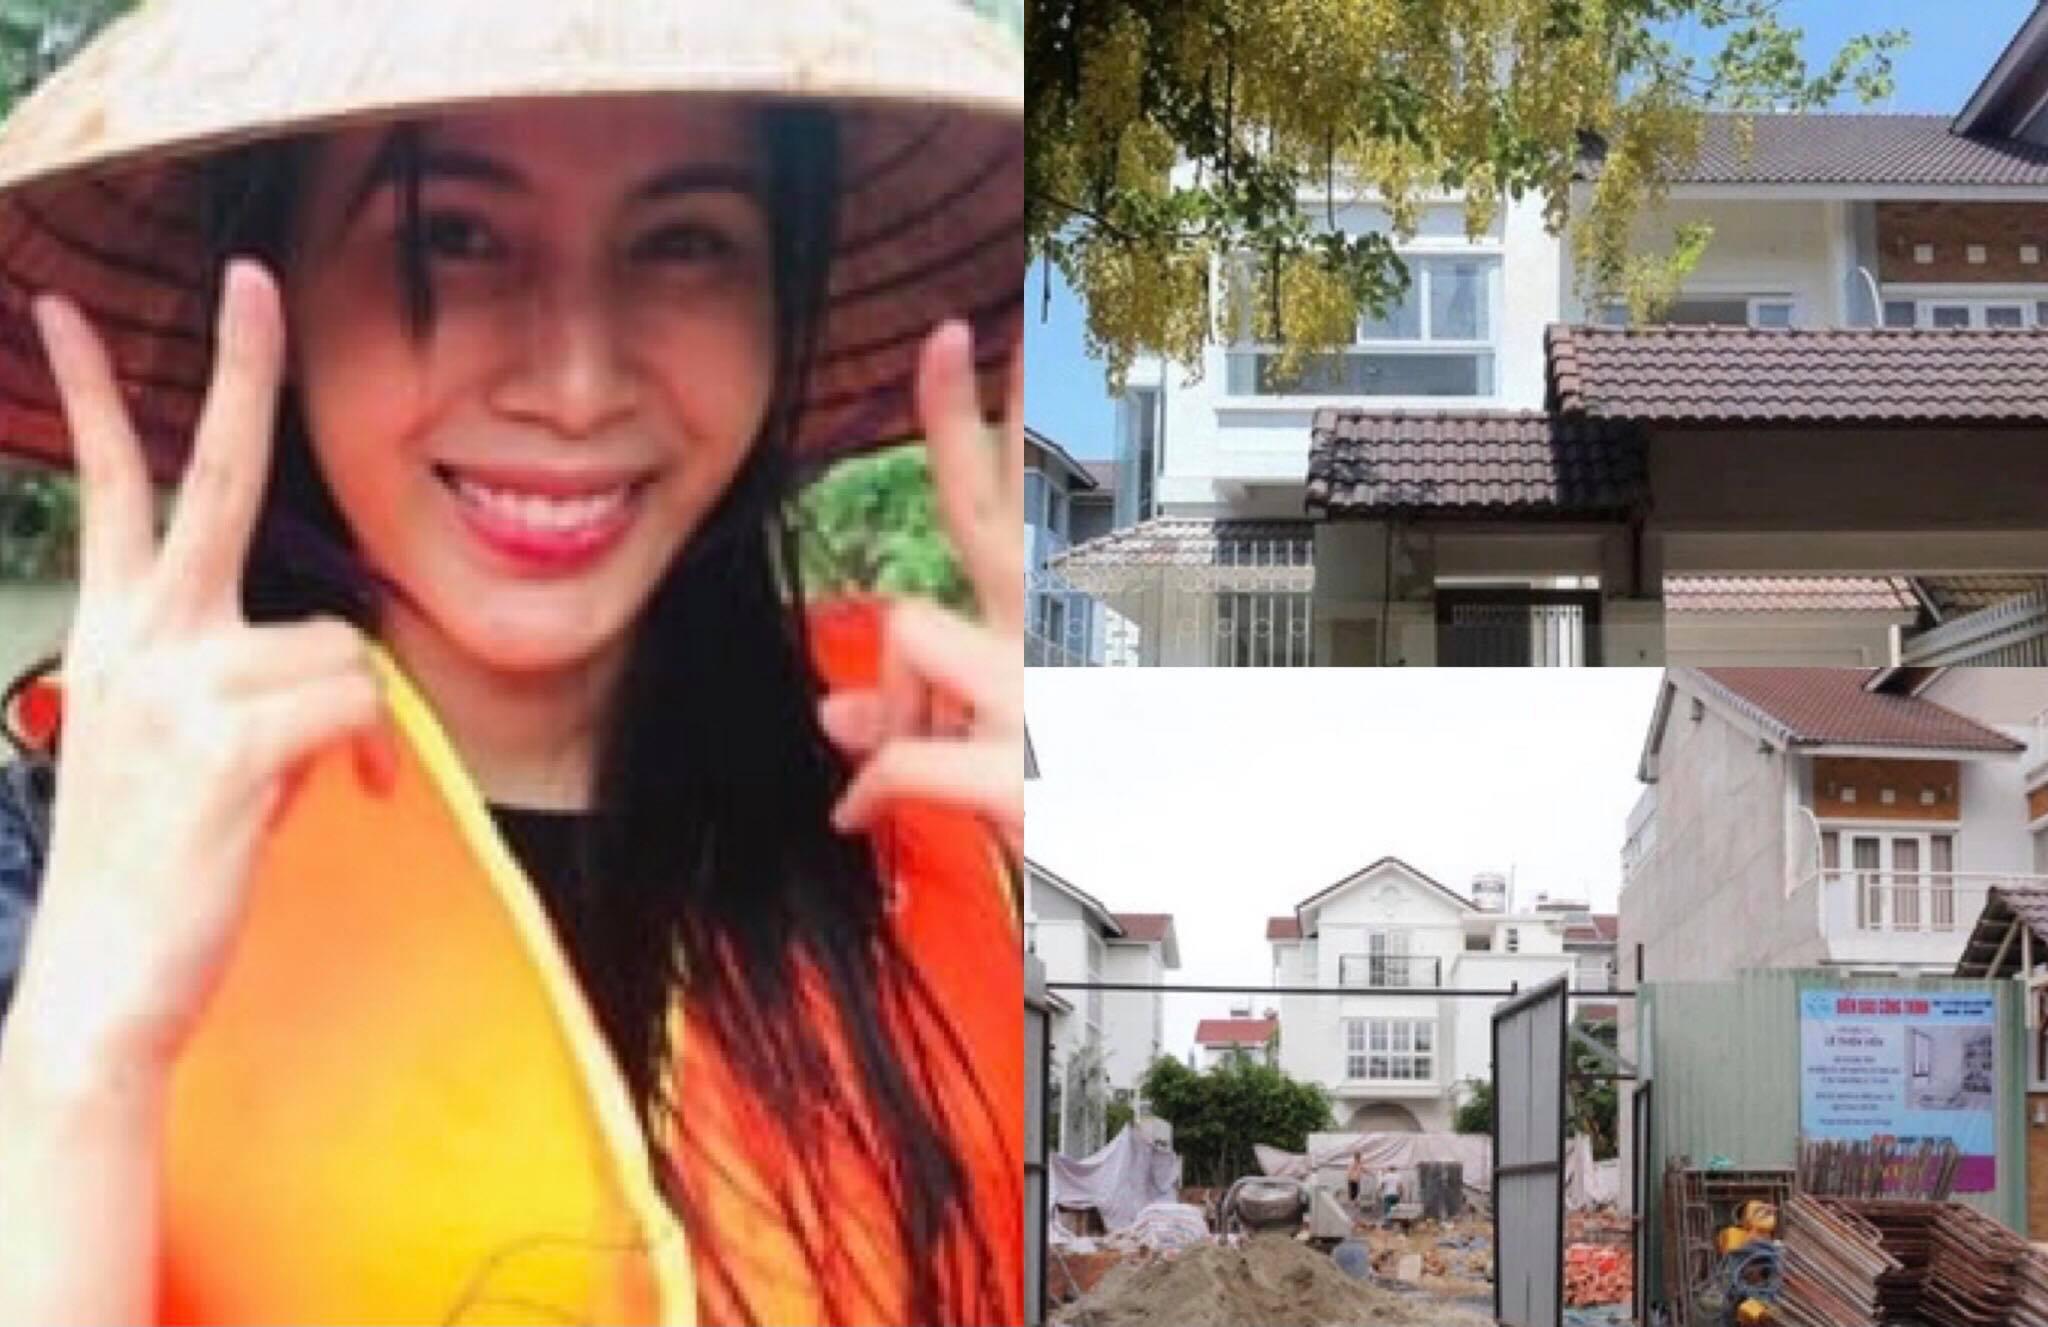 NÓNG: Bị tố ăn chặn tiền từ thiện xây biệt thự khủng, Thủy Tiên khoe nhẹ 'chồng cho 40 tỷ tiêu vặt' không lẽ không xây được nhà!